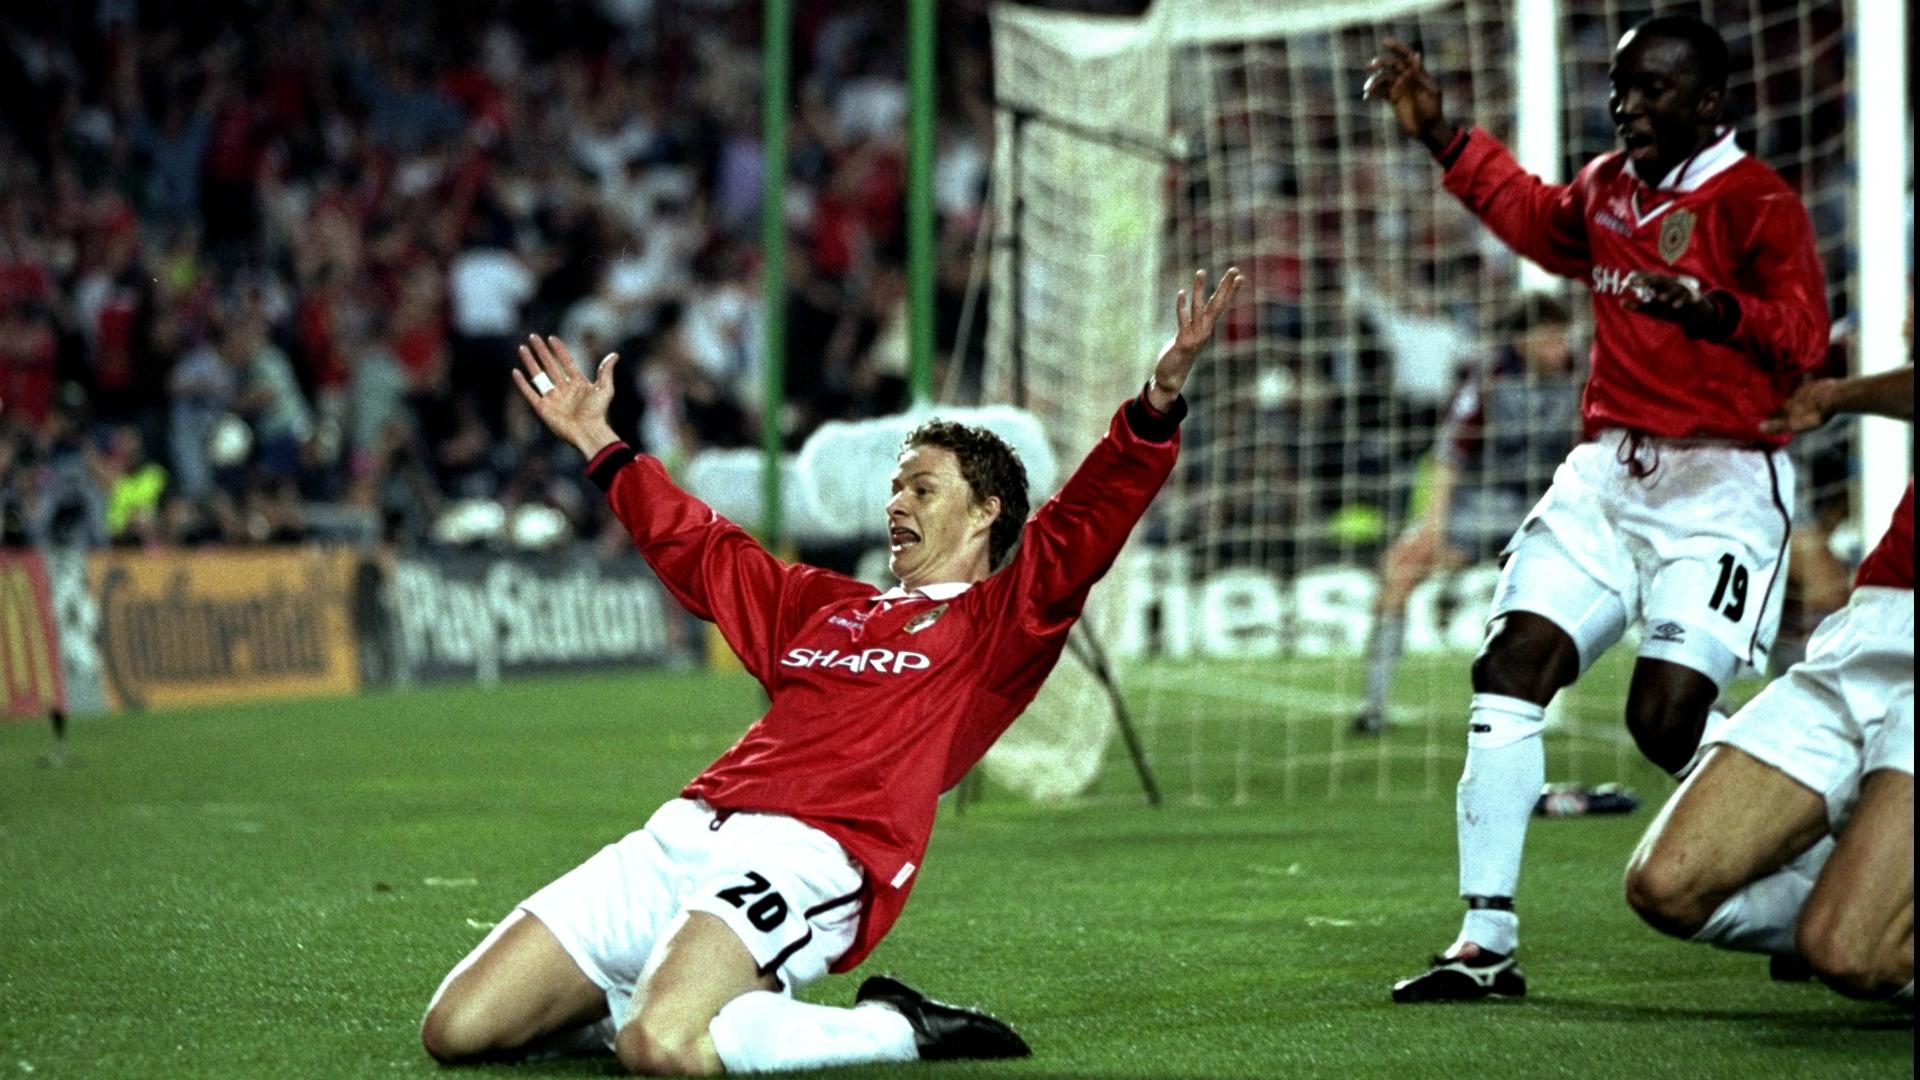 Ole Gunnar Solskaer Manchester United v Bayern Munich Champions League 27051999